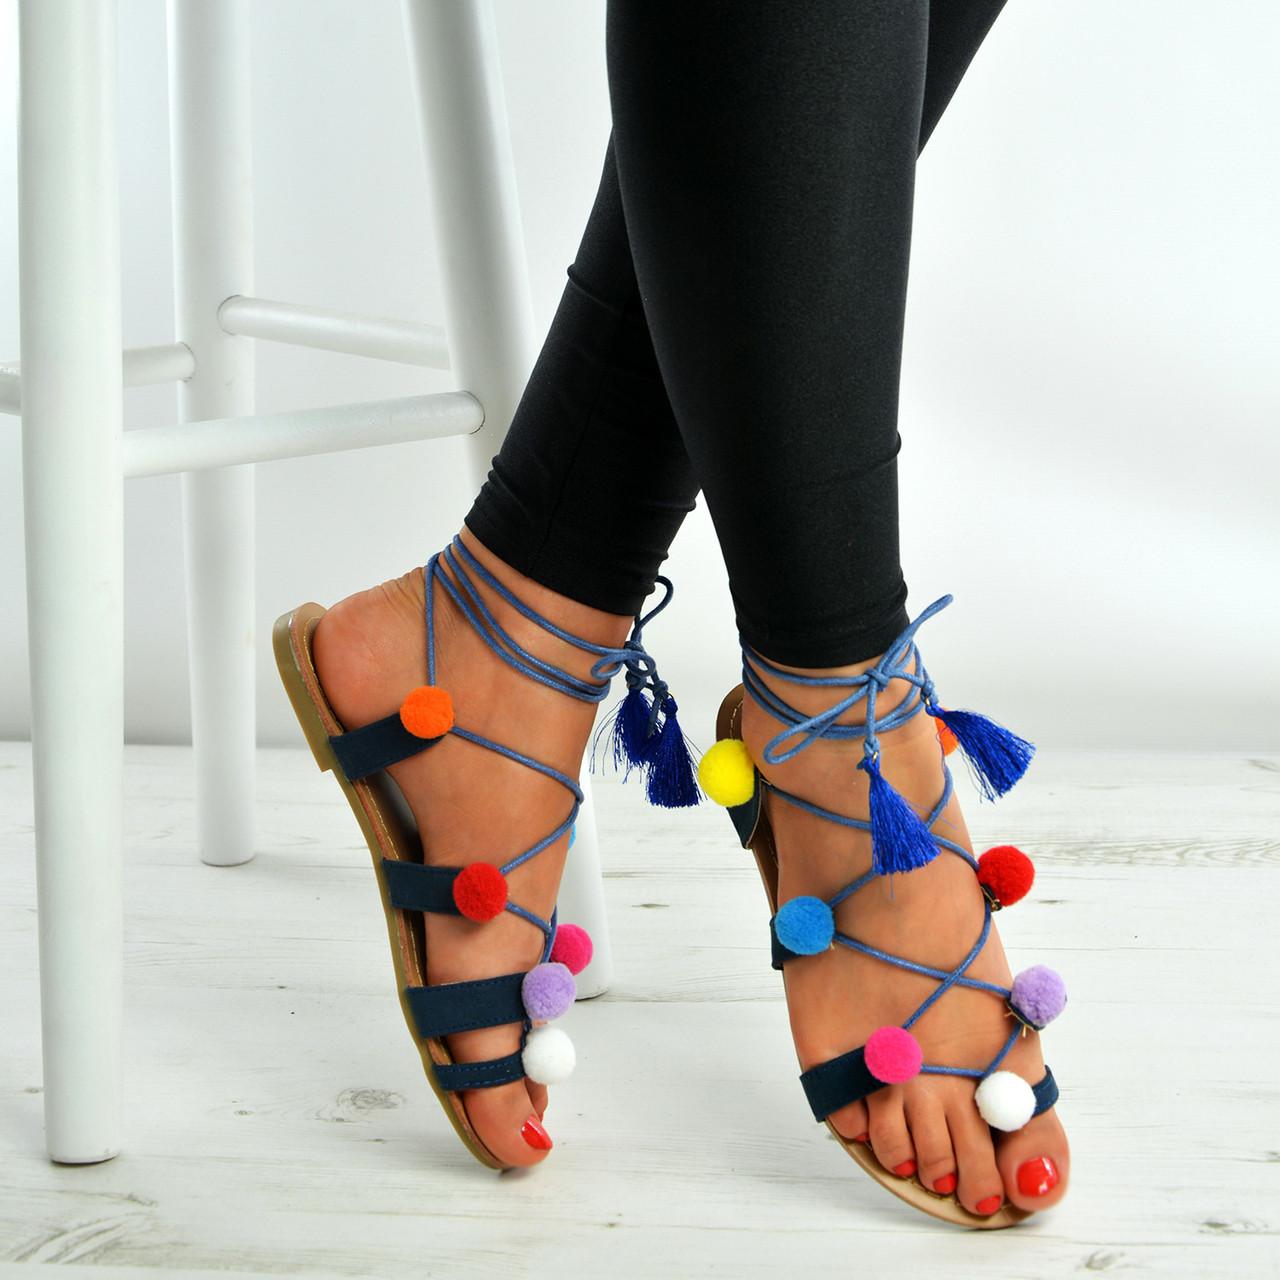 b712c1074c0ea Navy Blue Multi Color Pom Pom Lace Up Flat Sandals Shoes Size Uk 3-8